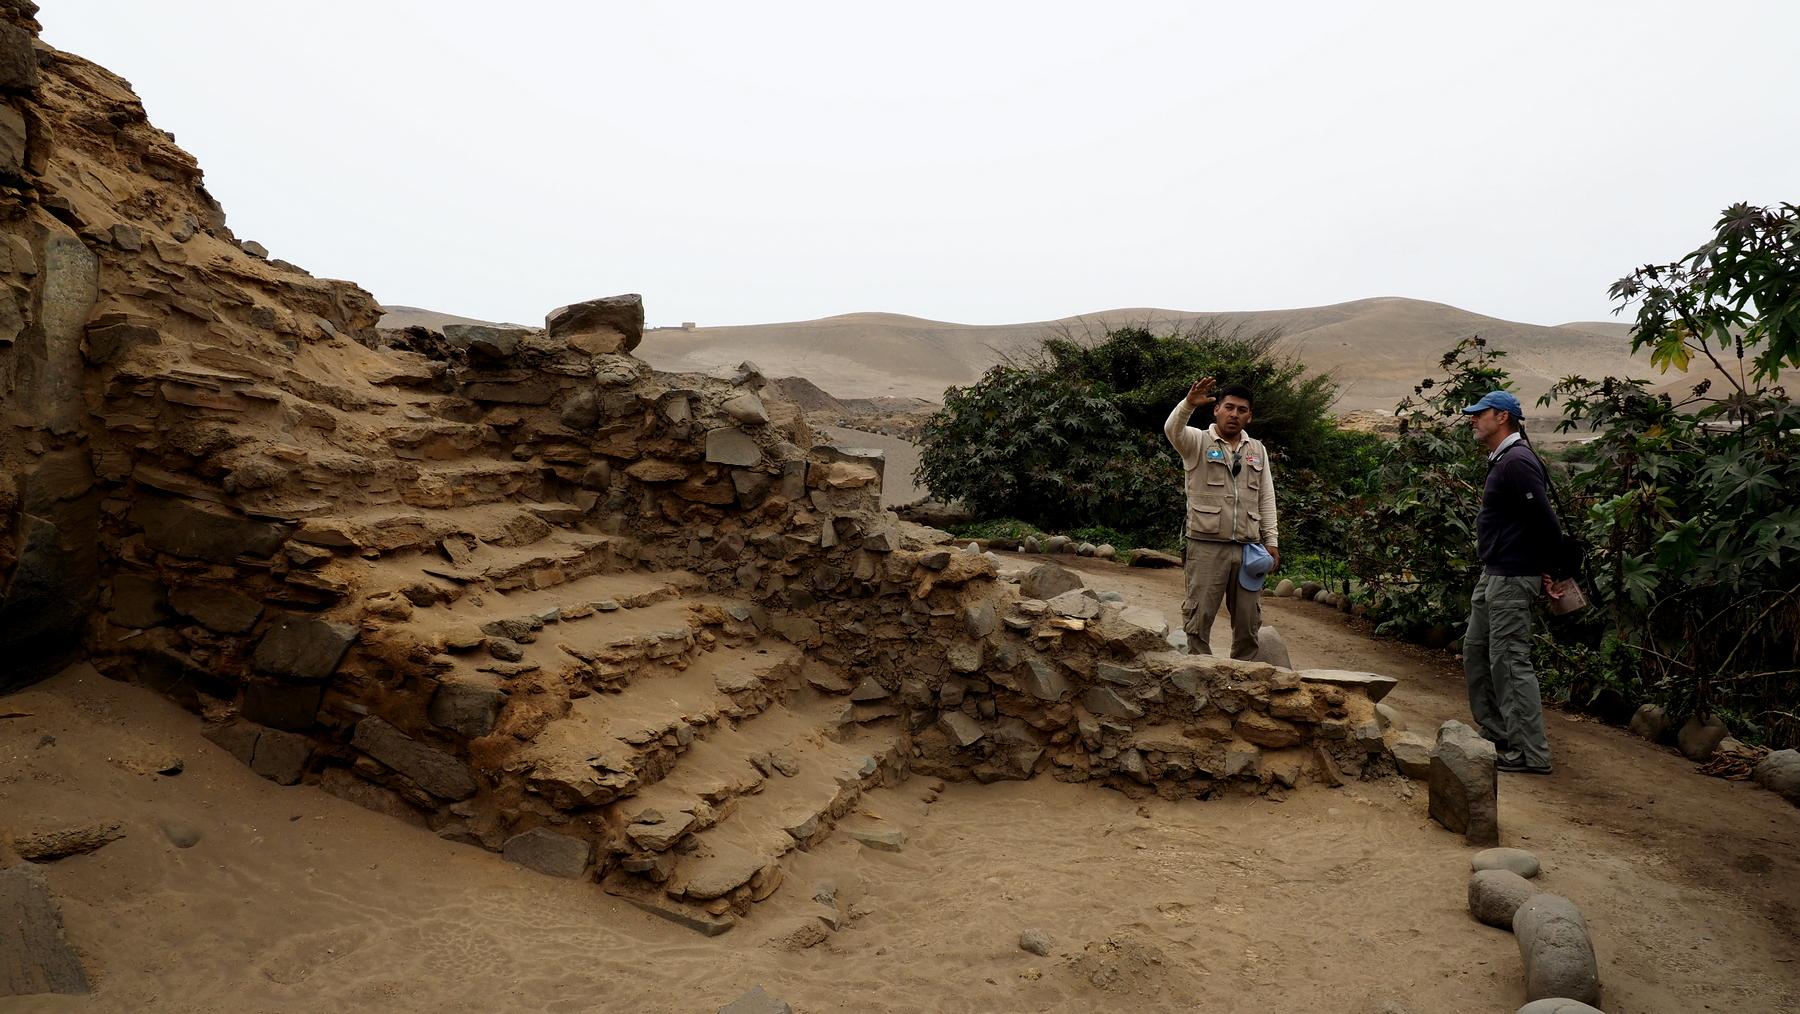 Enrique, der hier normalerweise selbst buddelt, erklärt die Ruinen